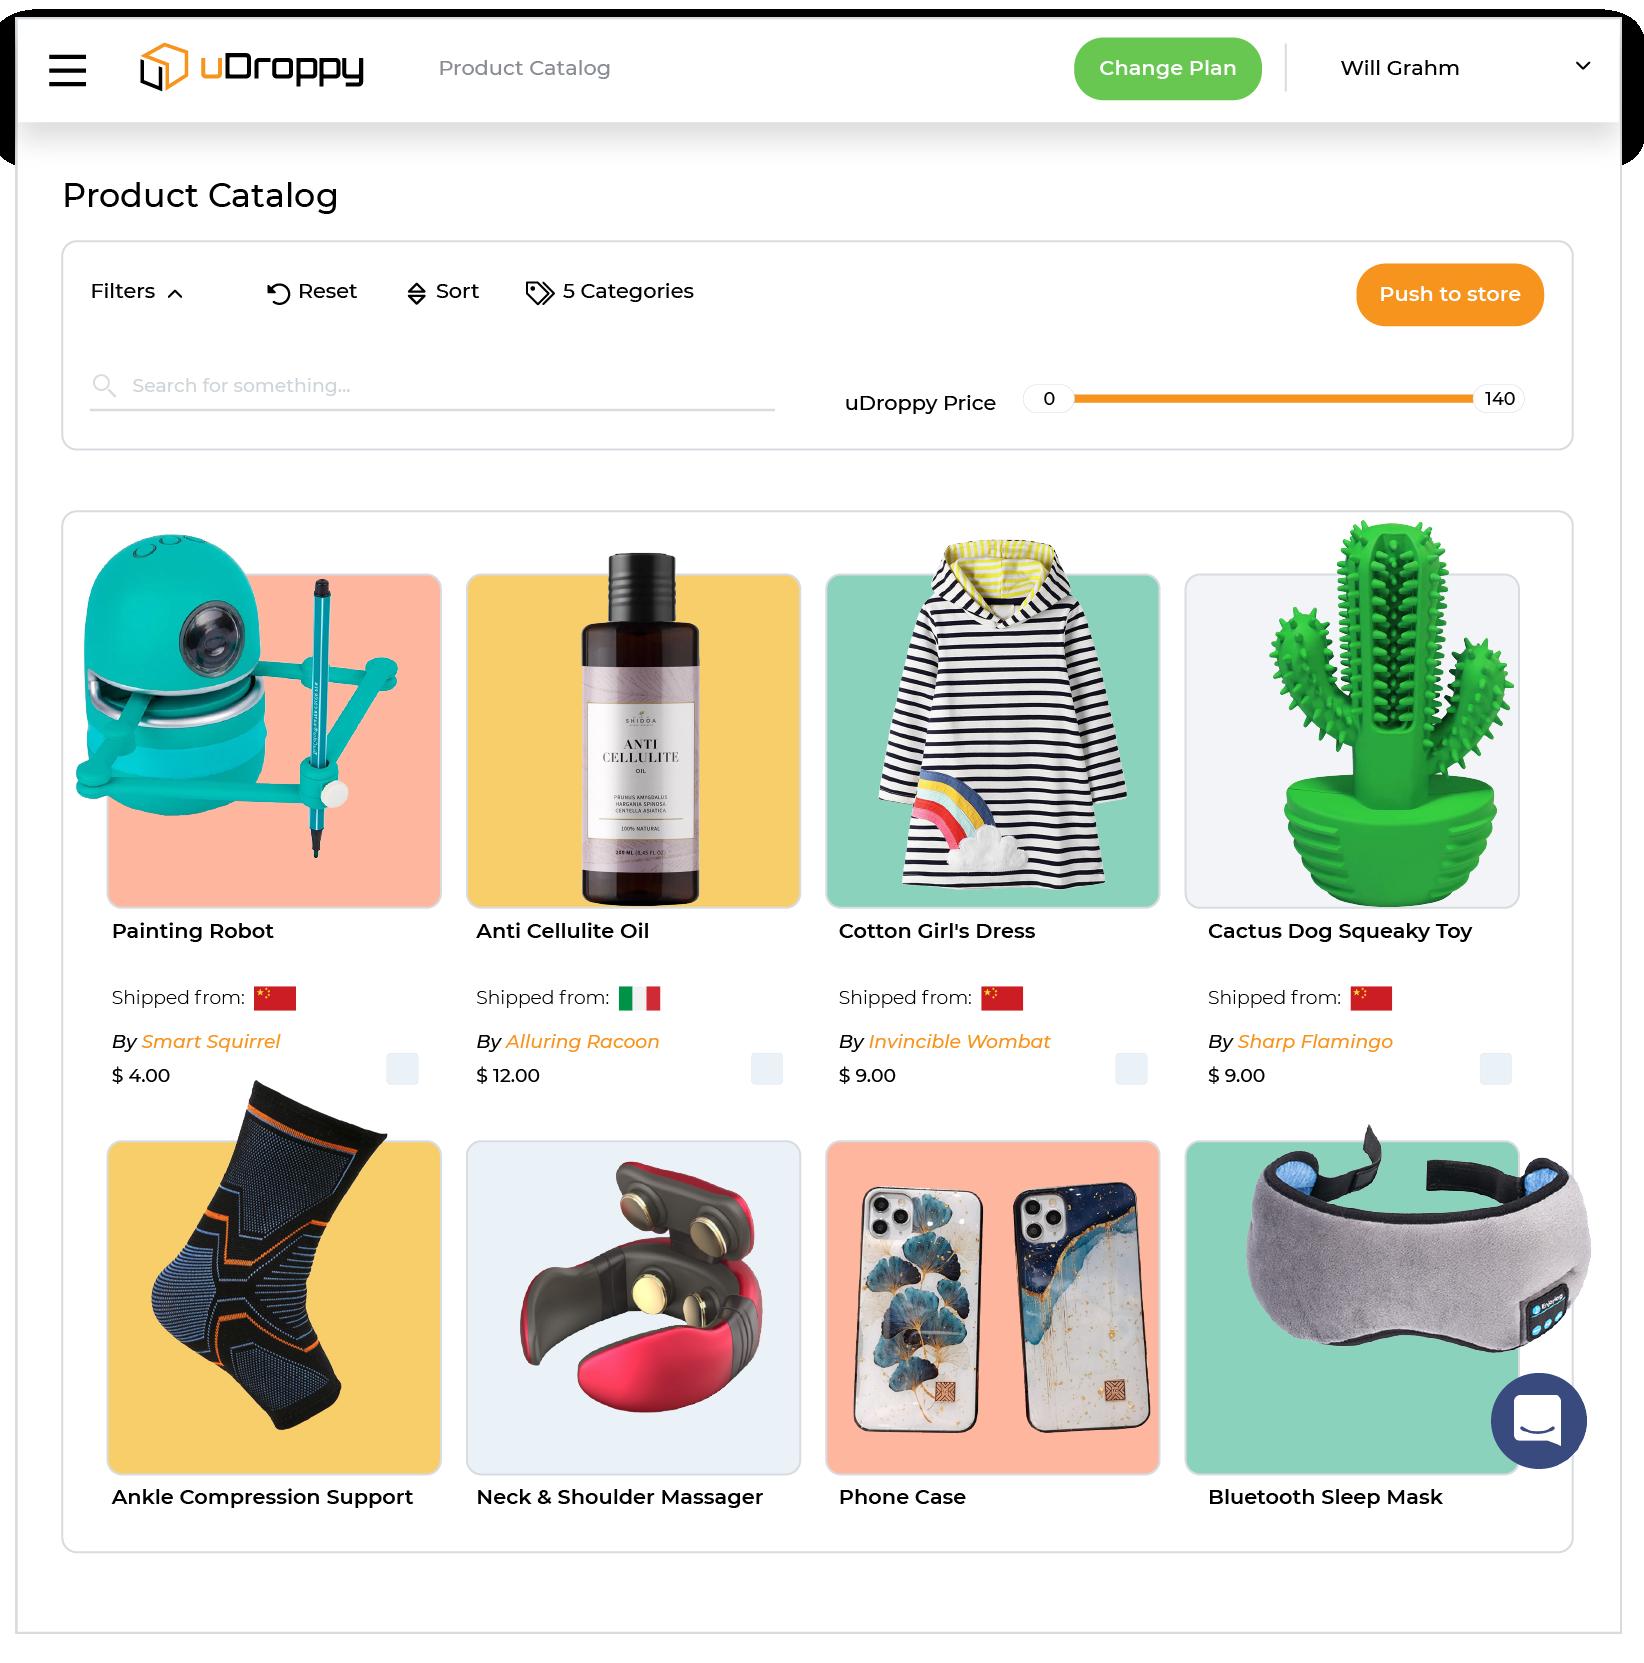 uDroppy product catalog